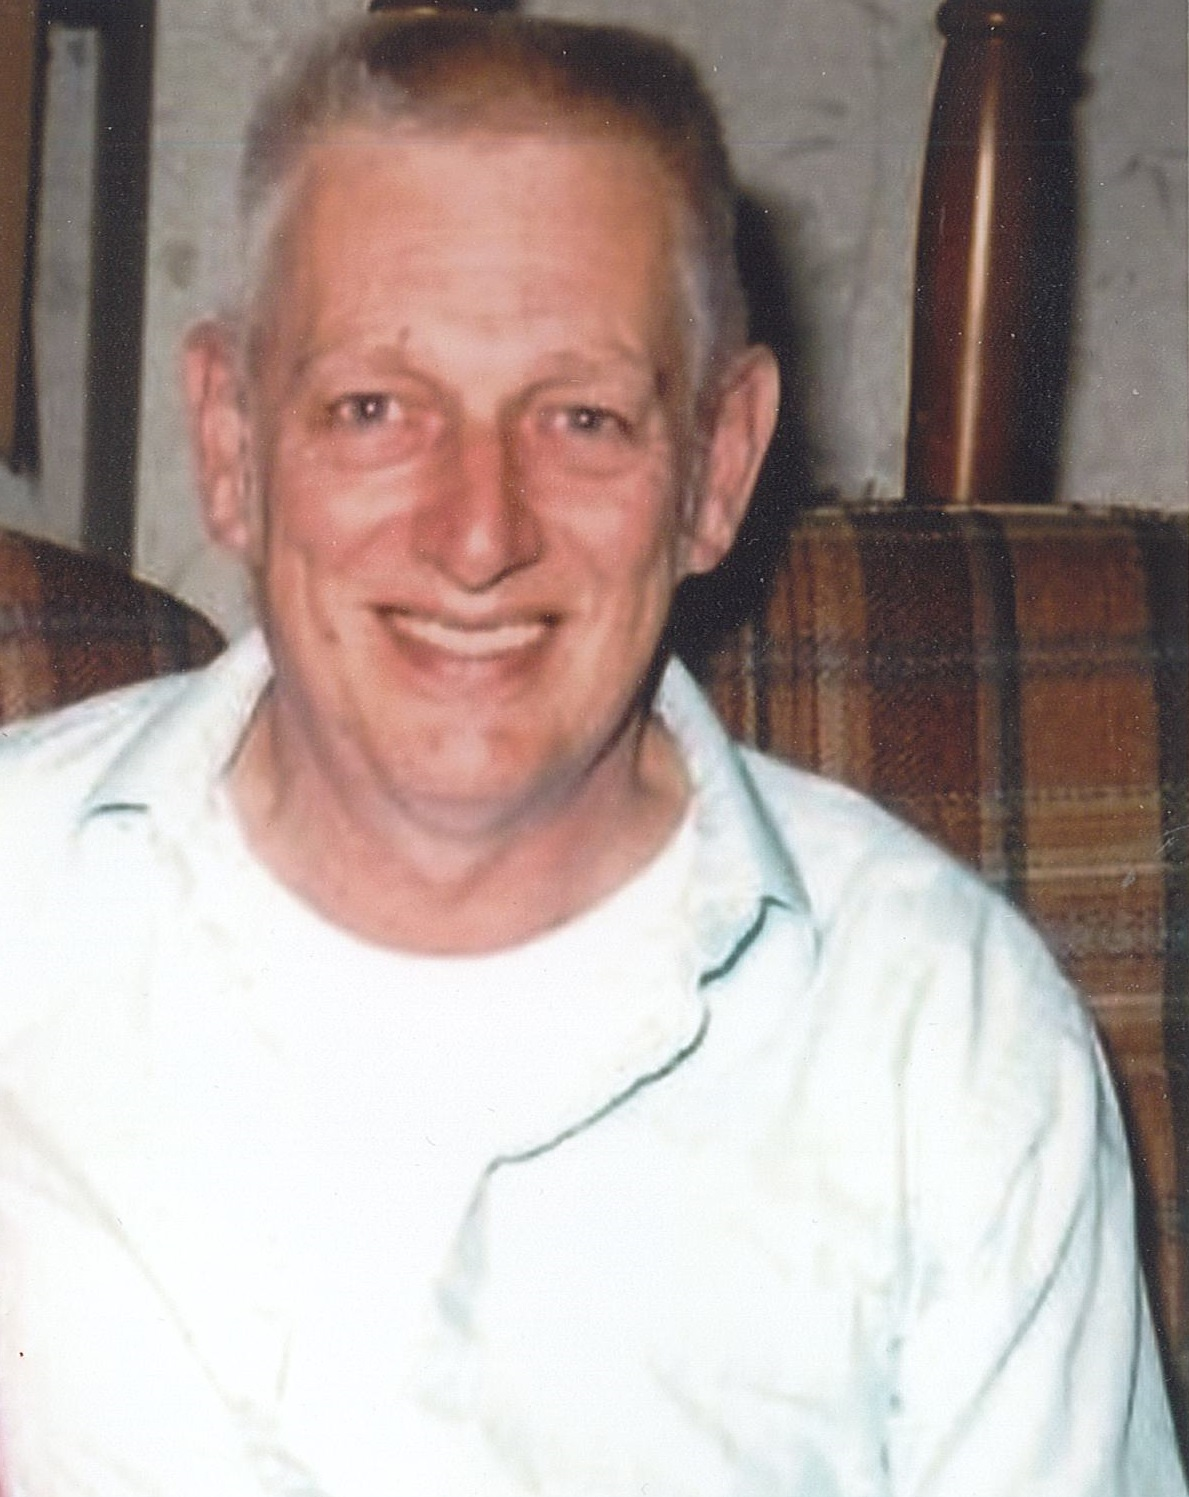 Donald R. Genshart